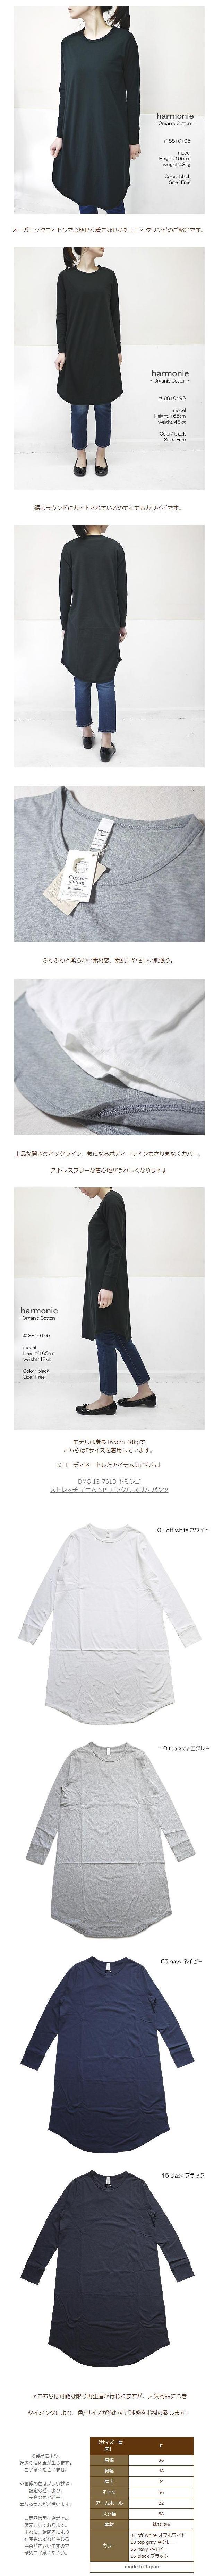 harmonie-8810195-300205